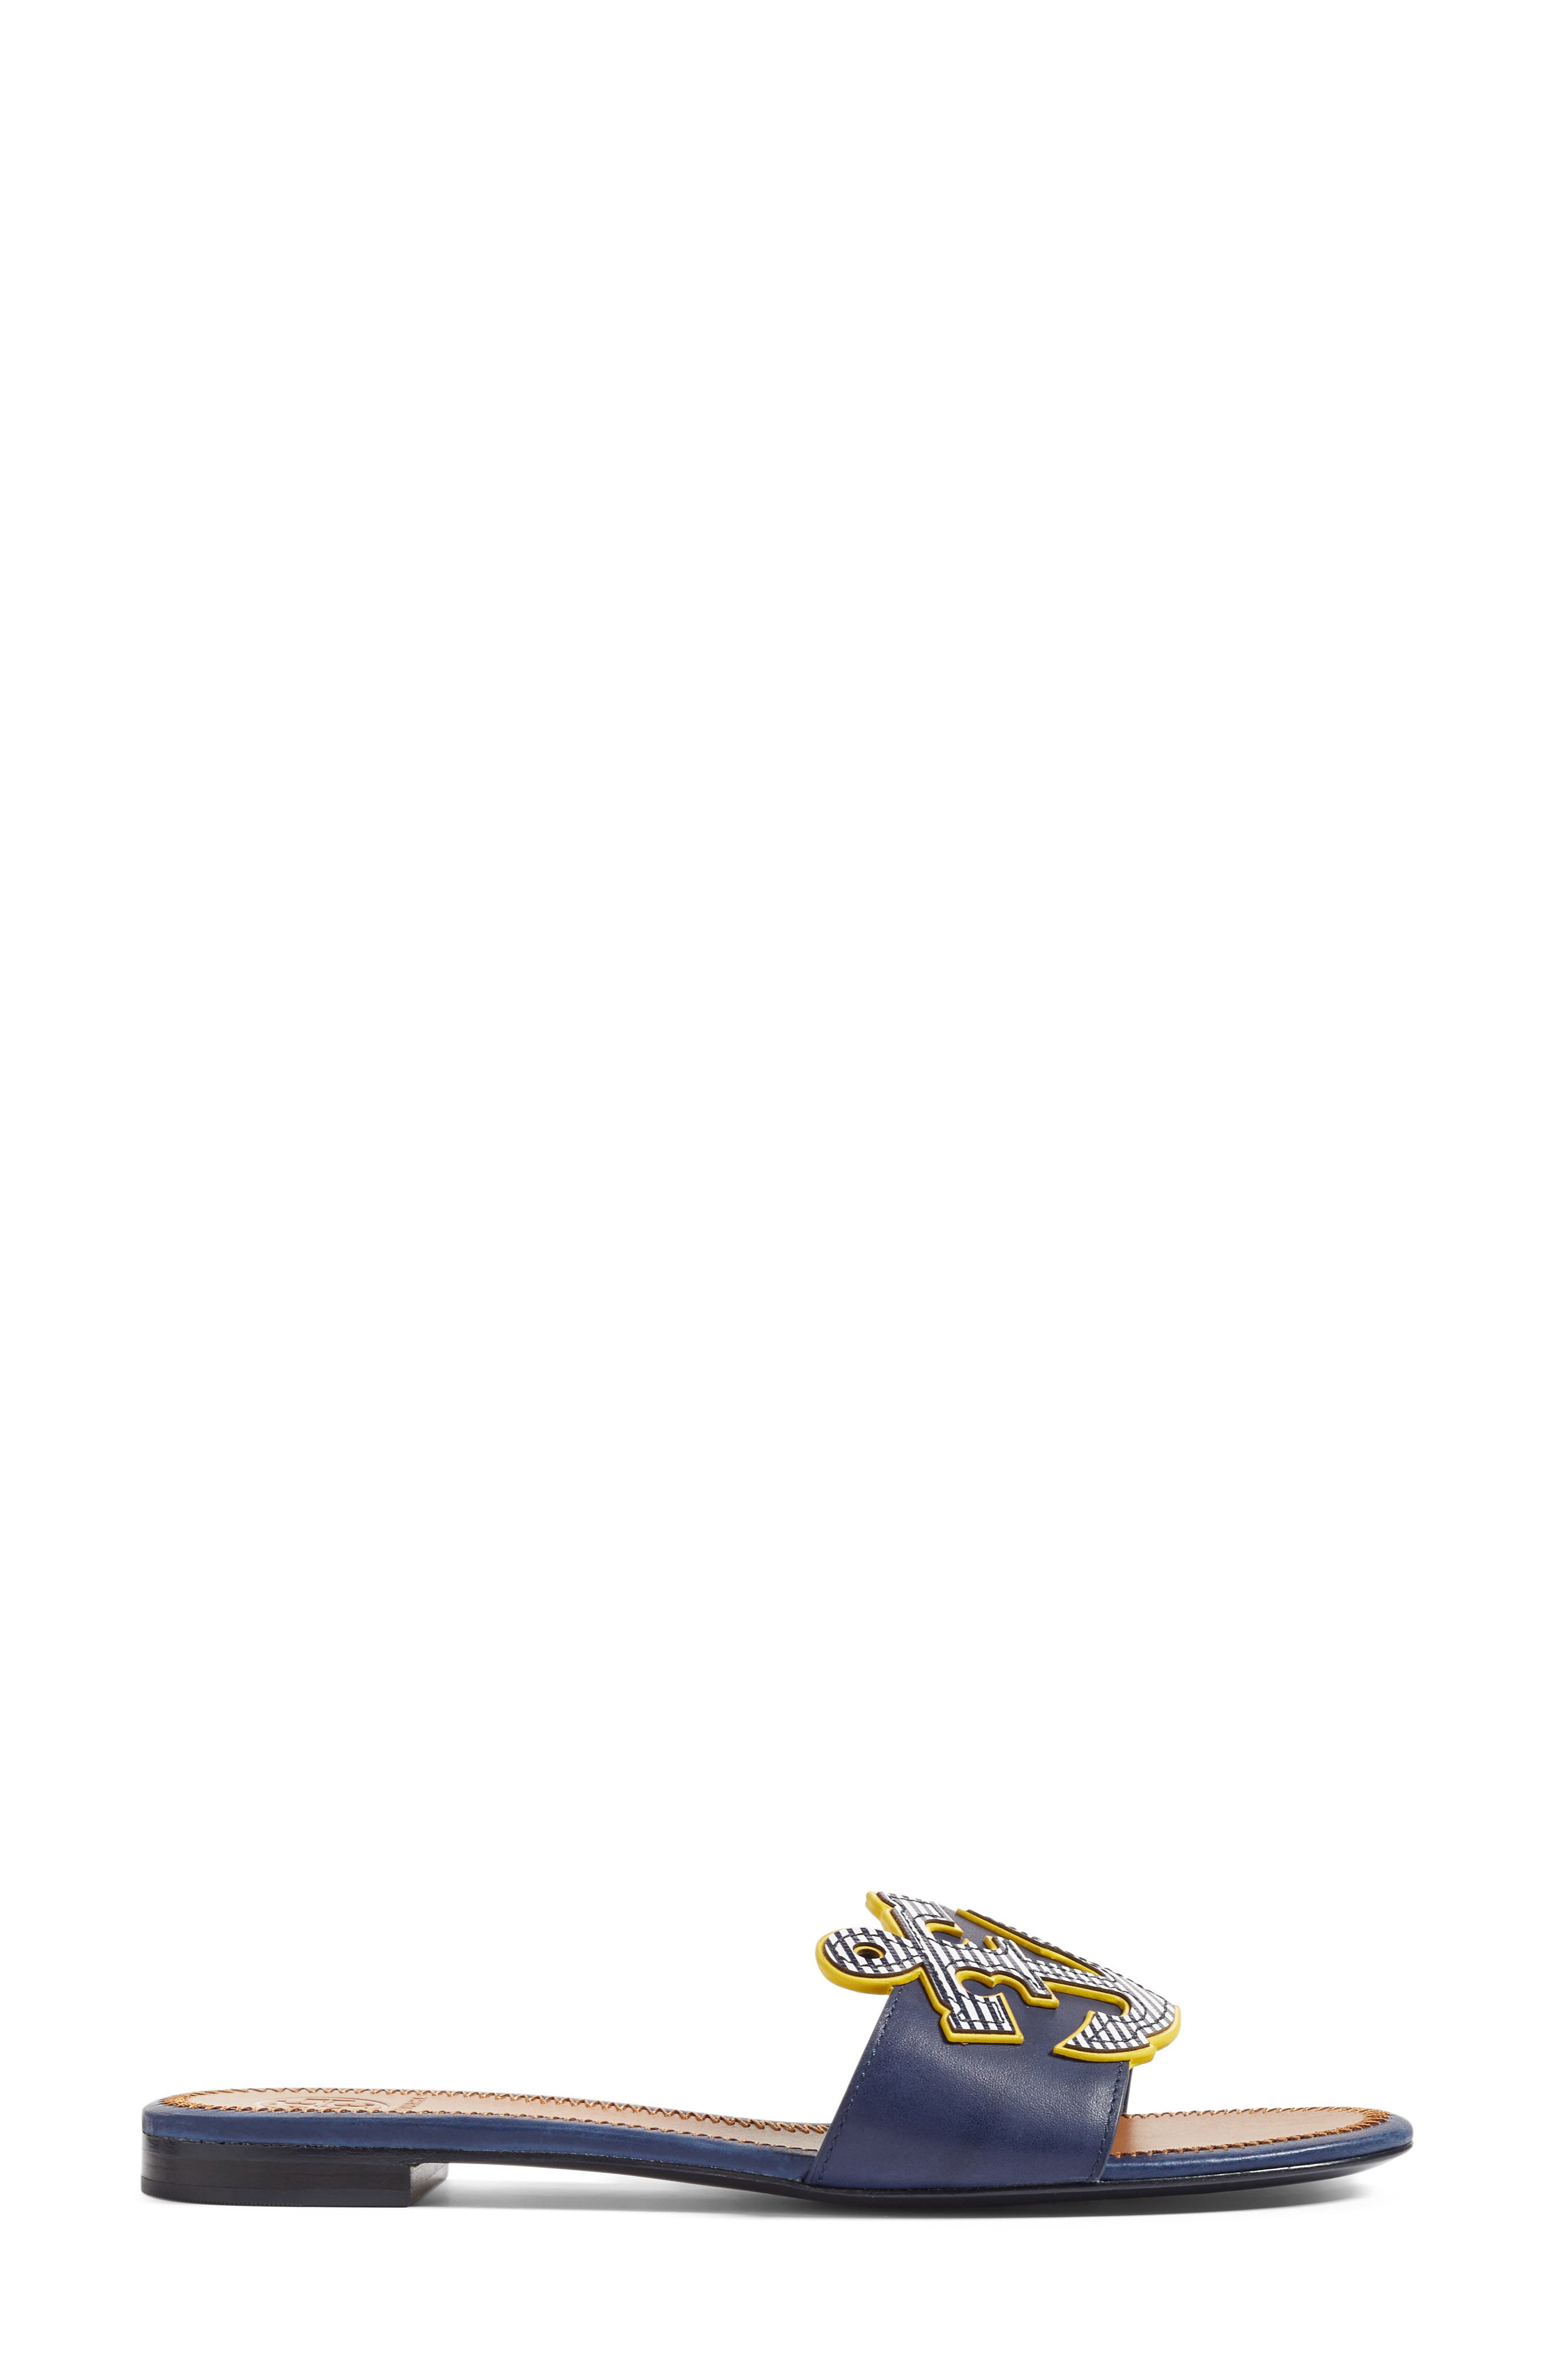 Alternate Image 3  - Tory Burch Maritime Slide Sandal (Women)